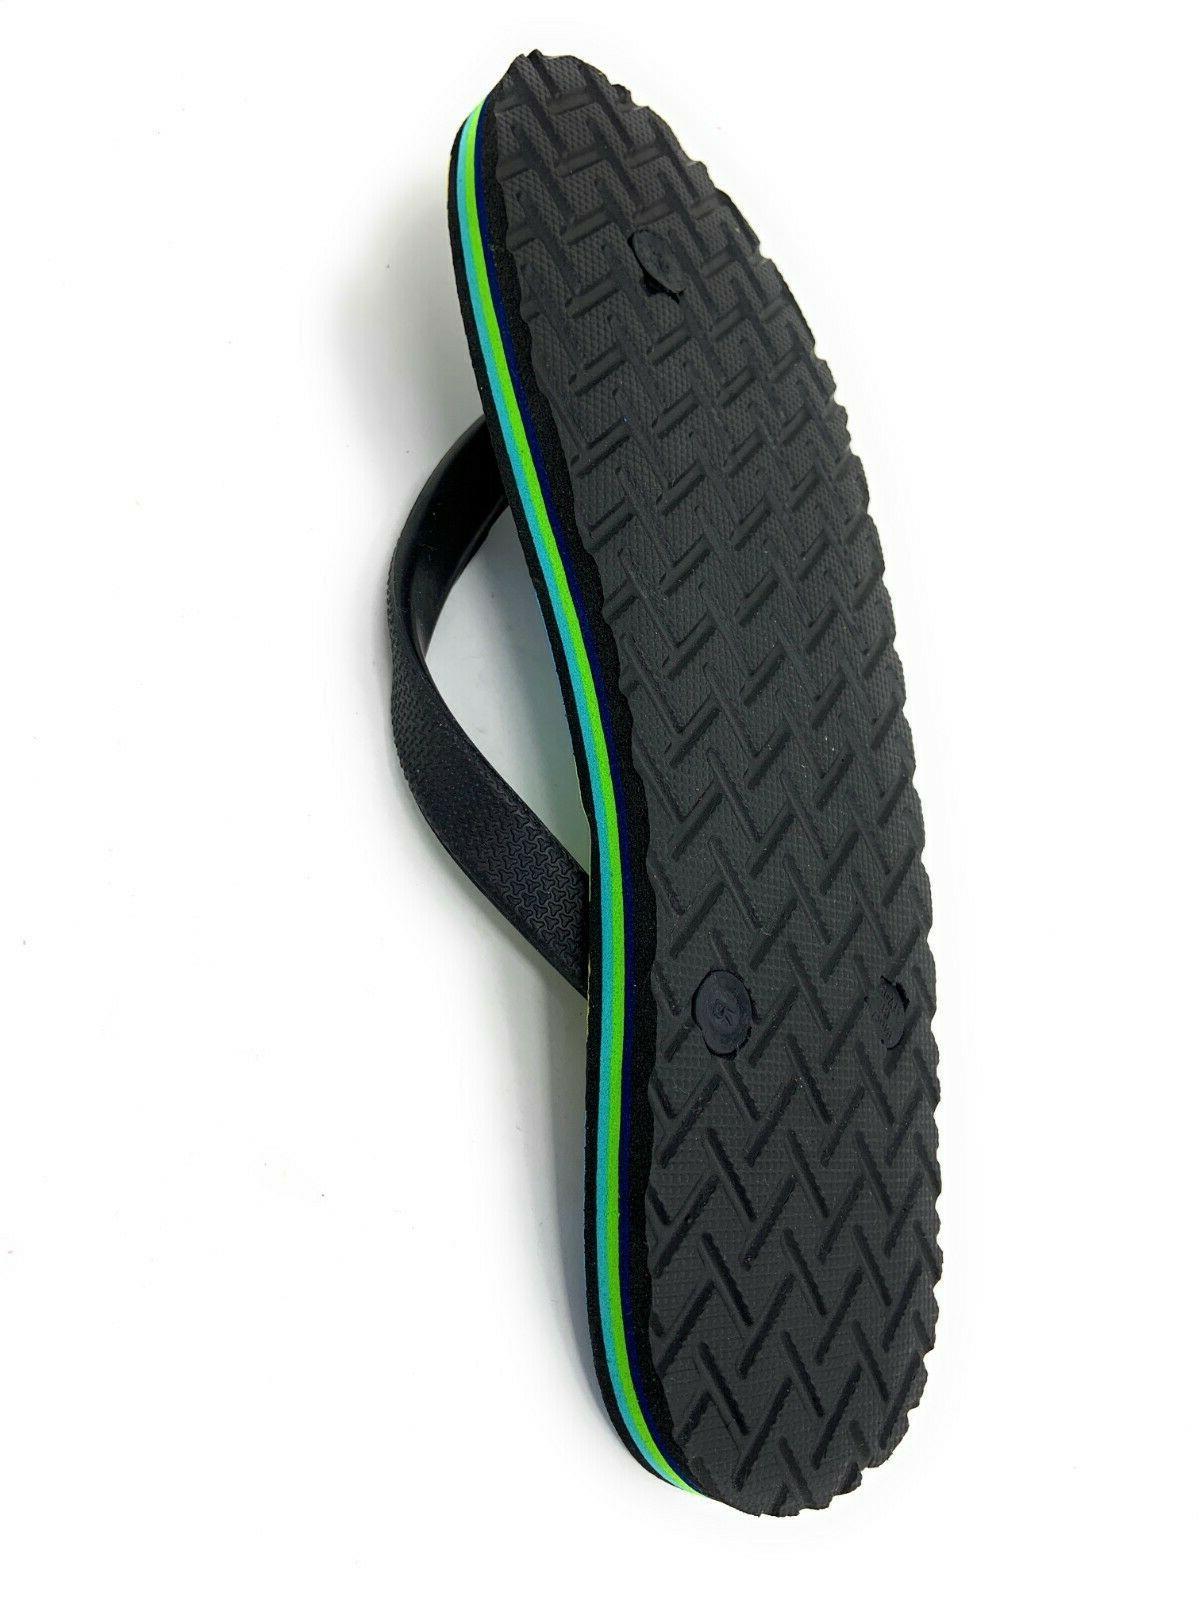 Bahamas Flip Premium Comfort Sandals